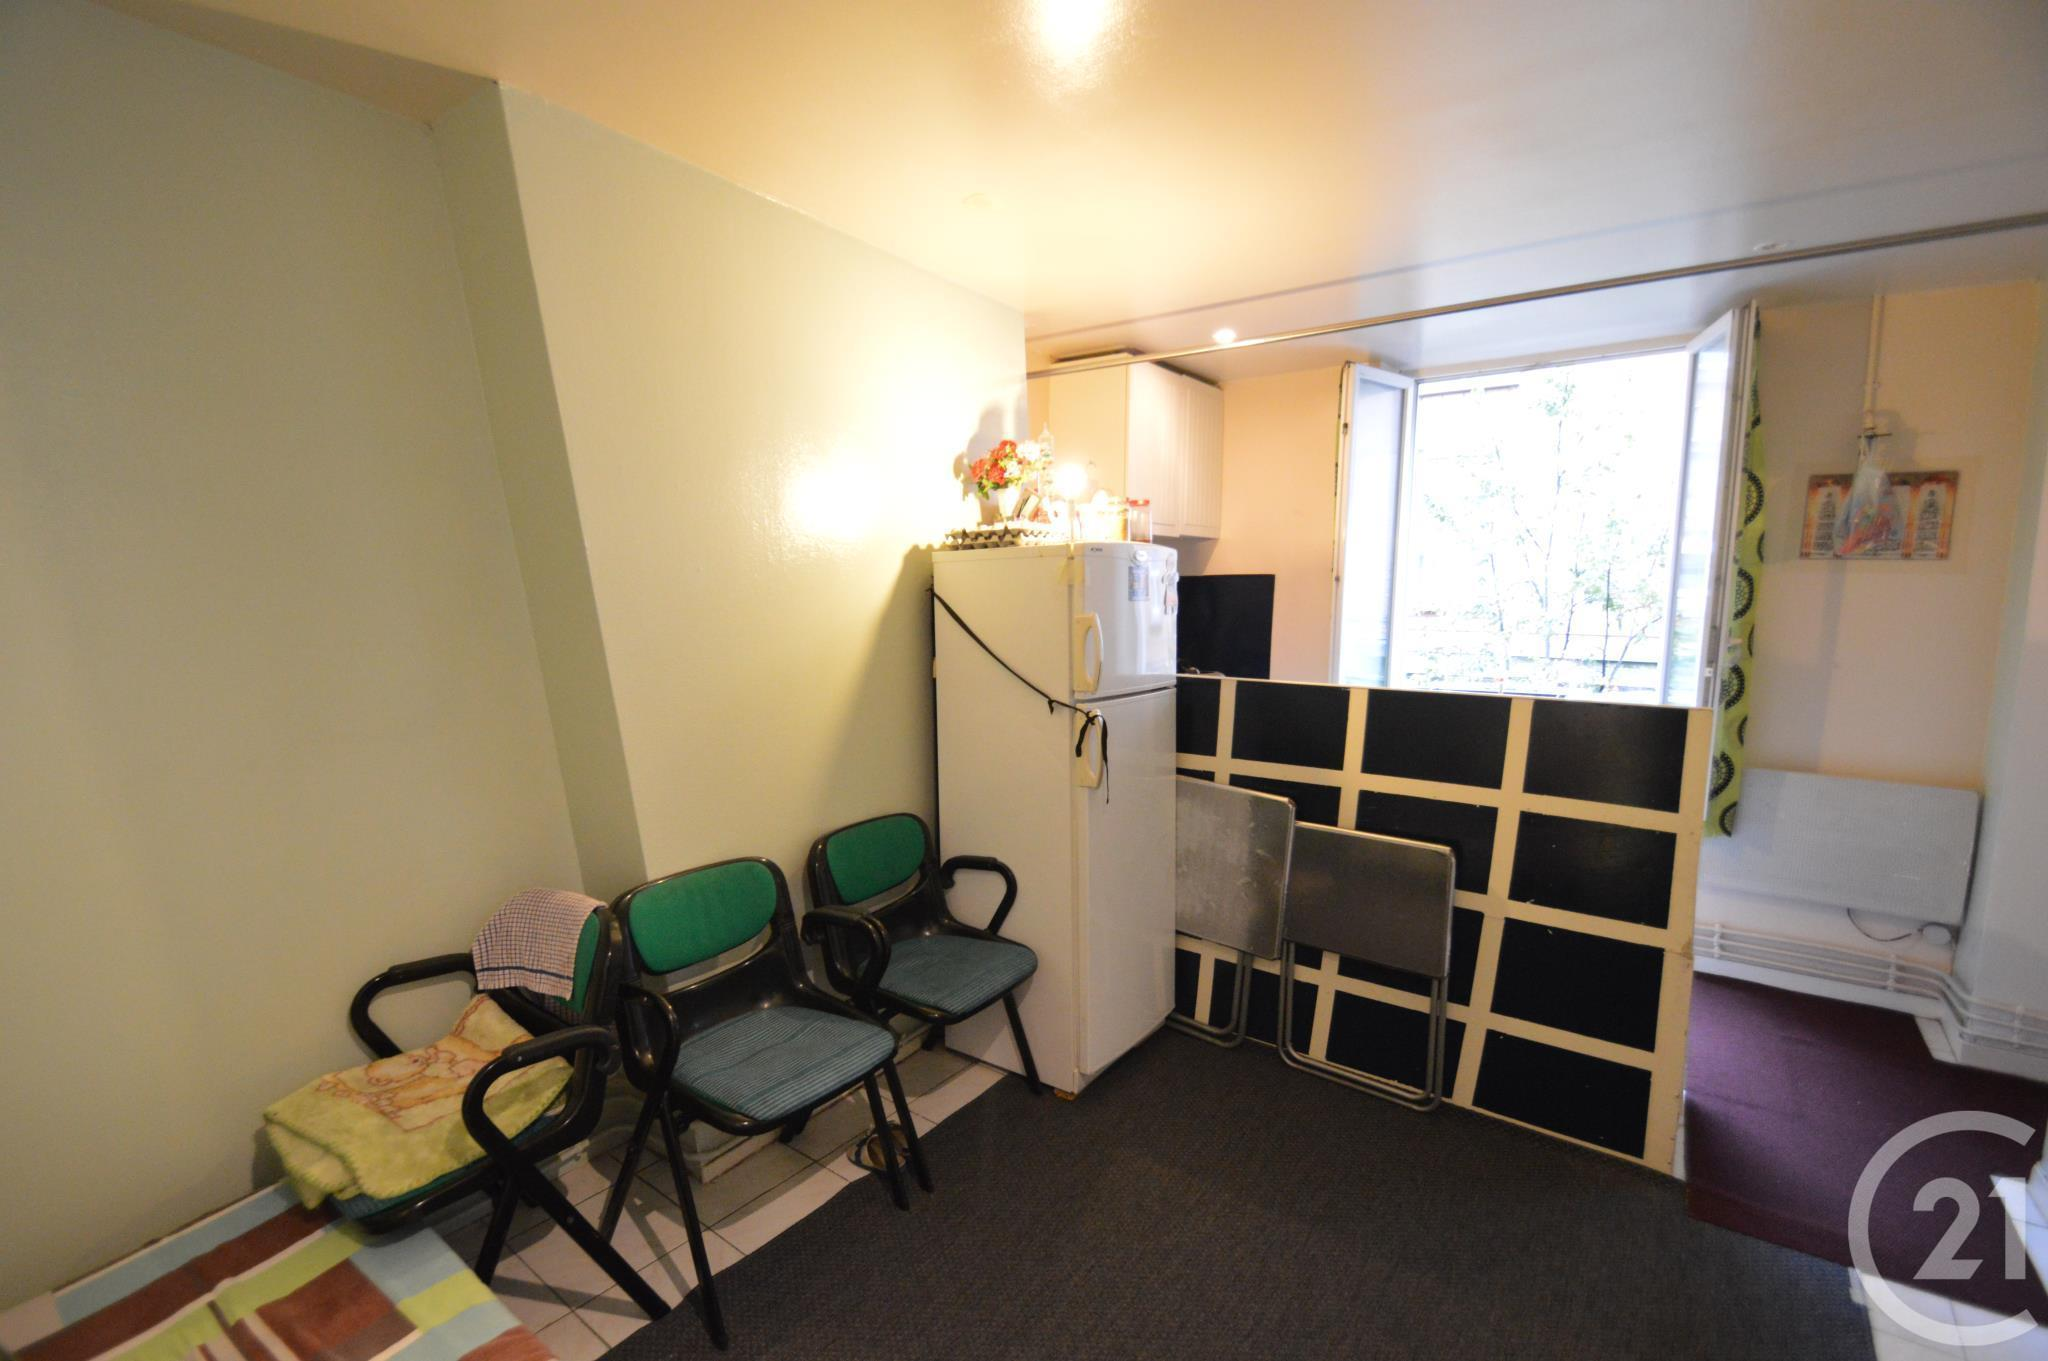 Appartement 2pièces 32m² à Saint-Denis